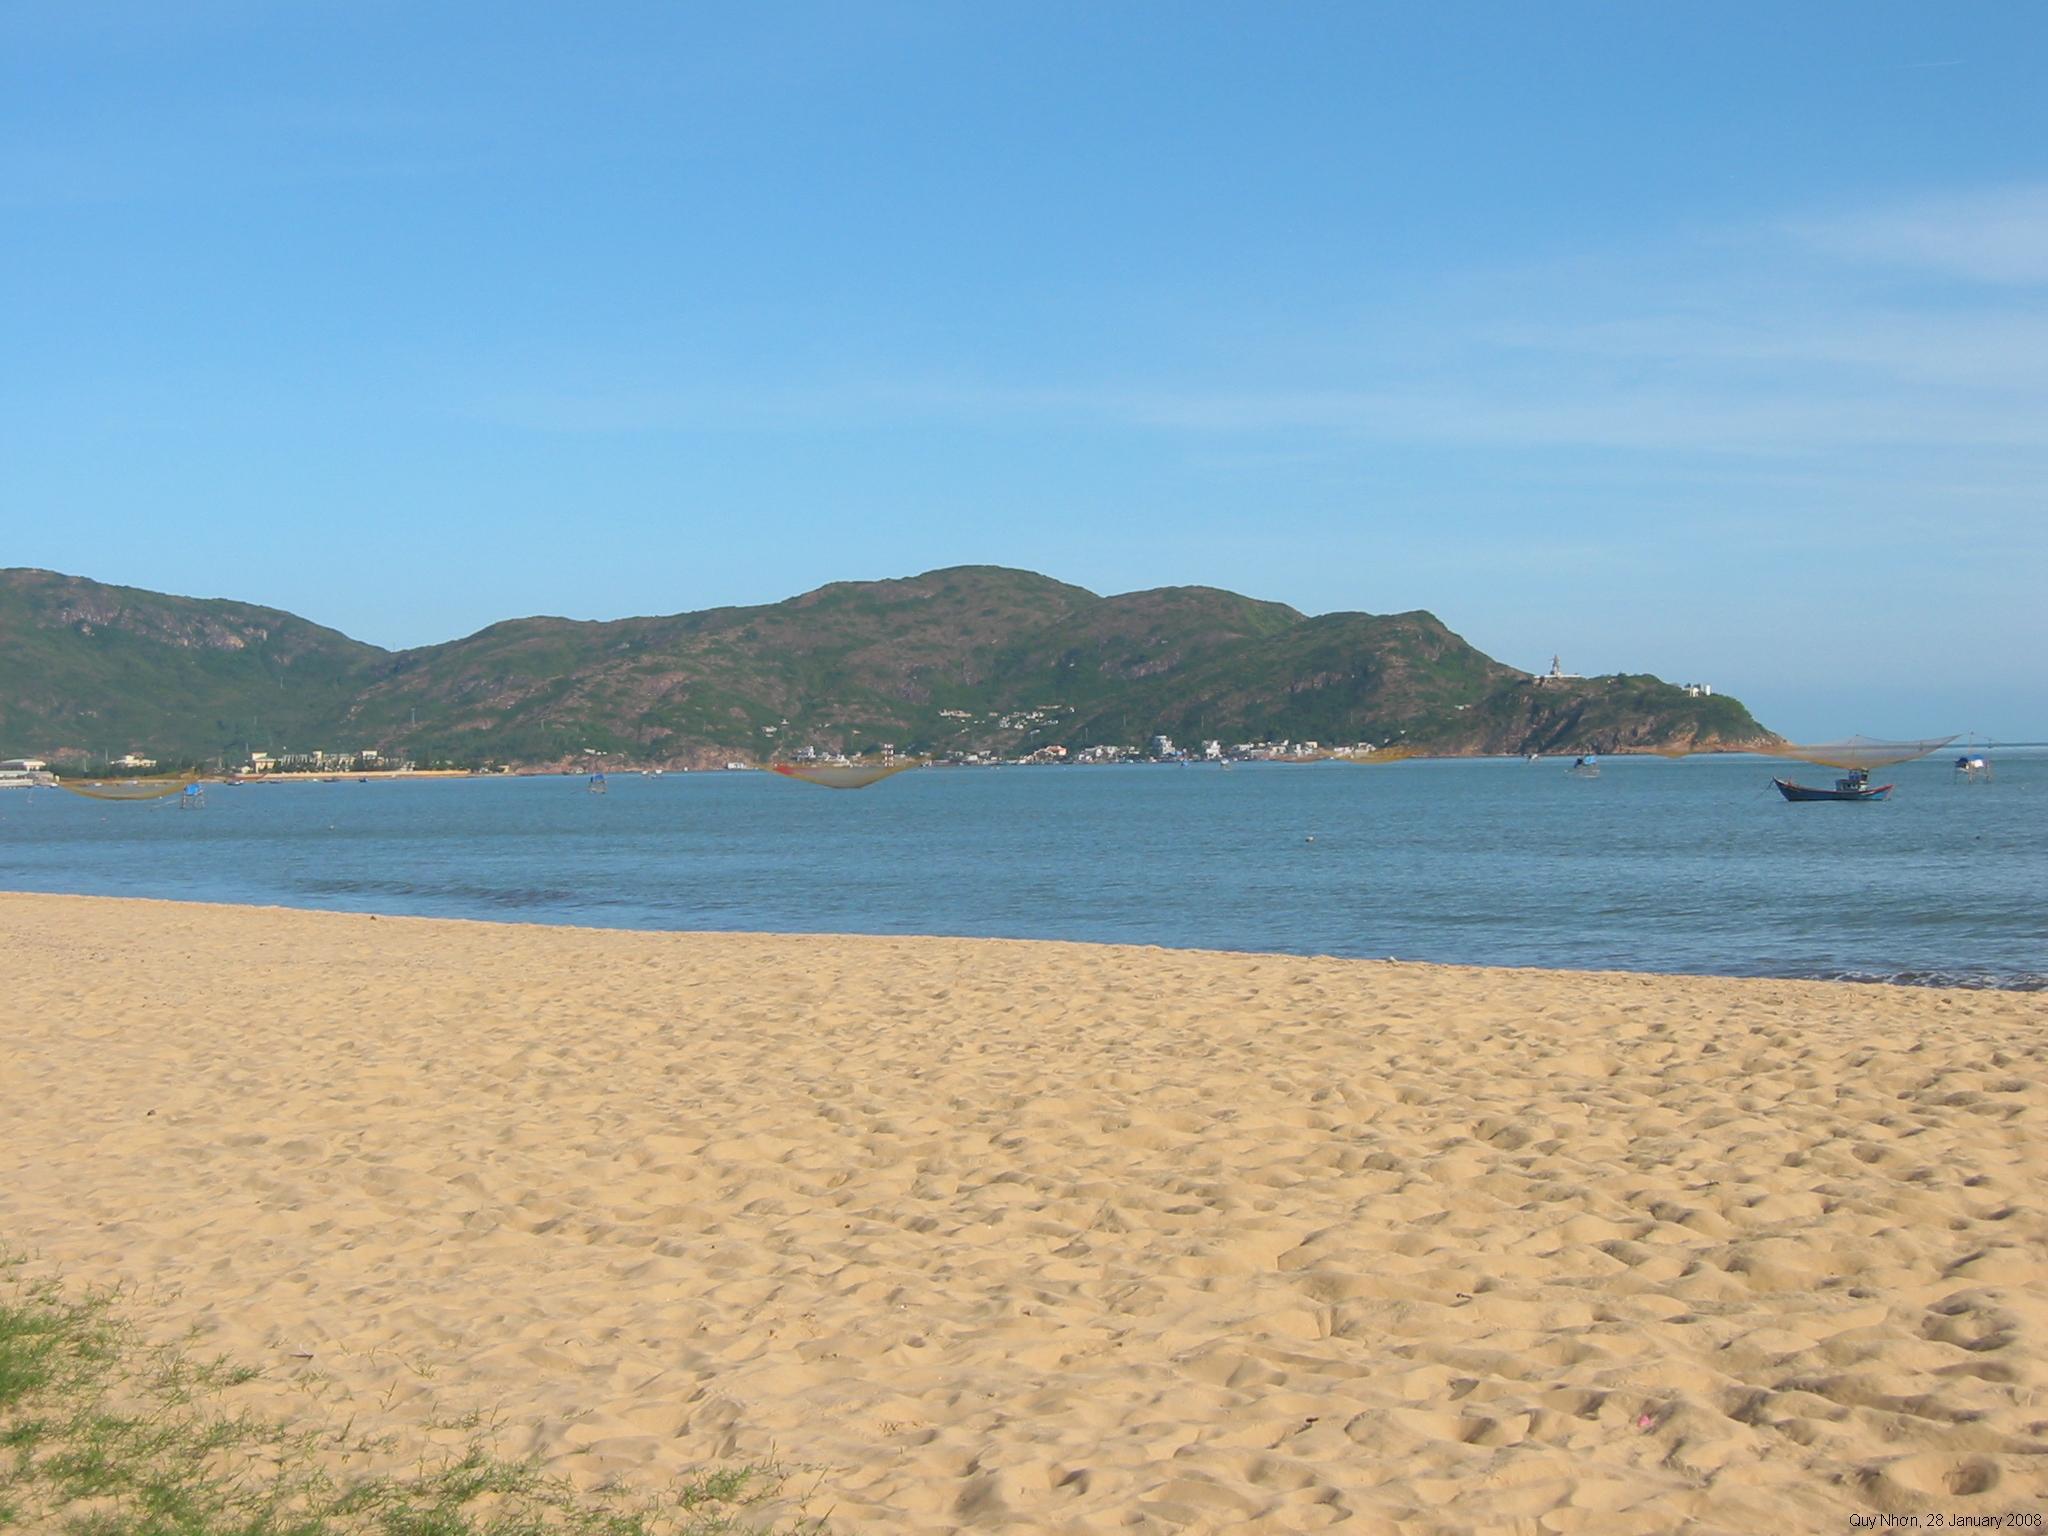 Amazing Beache in Vietnam-Quy Nhon Beach